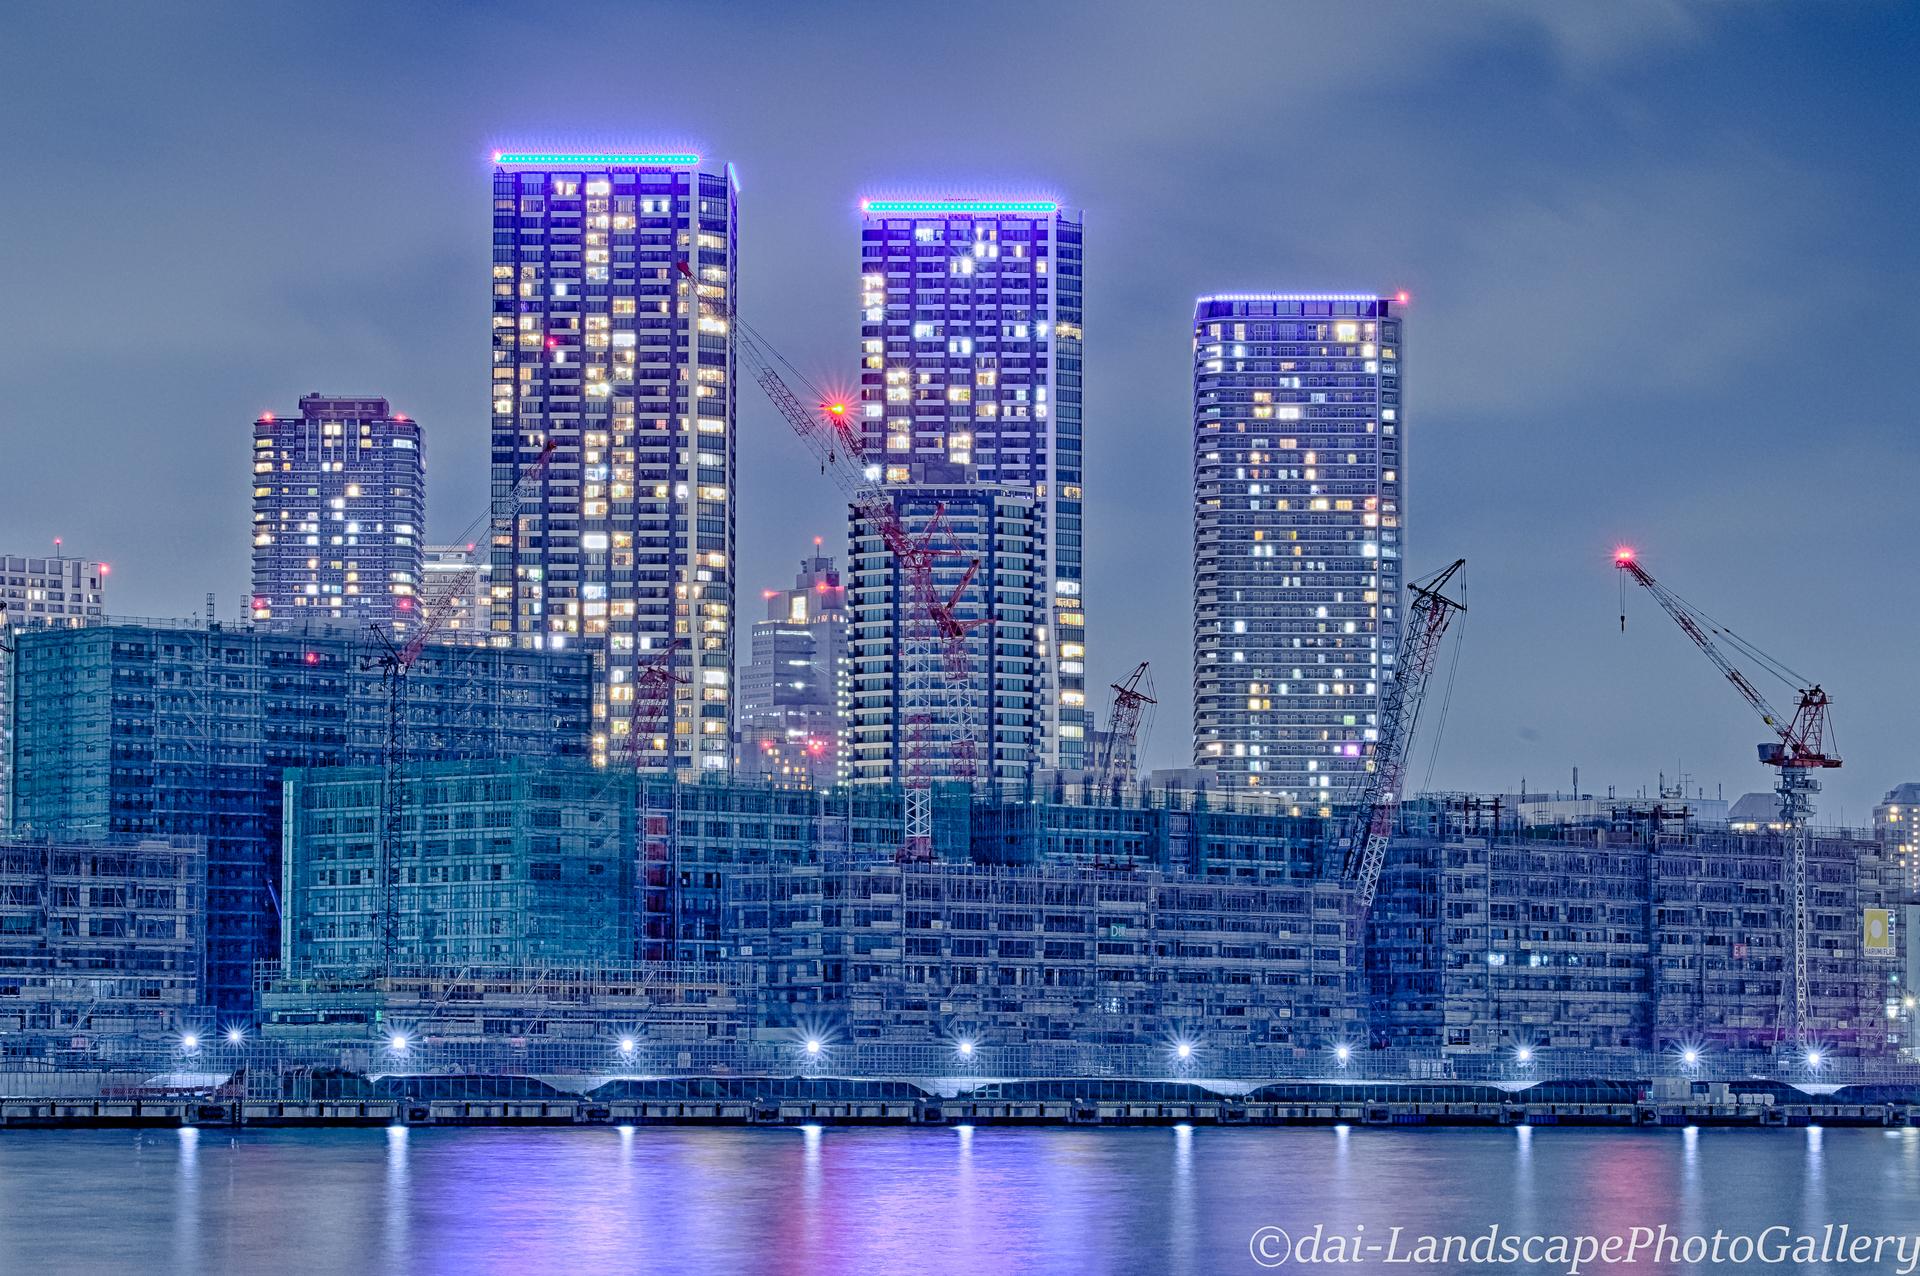 夜の東京五輪選手村工事現場風景【HDRi】